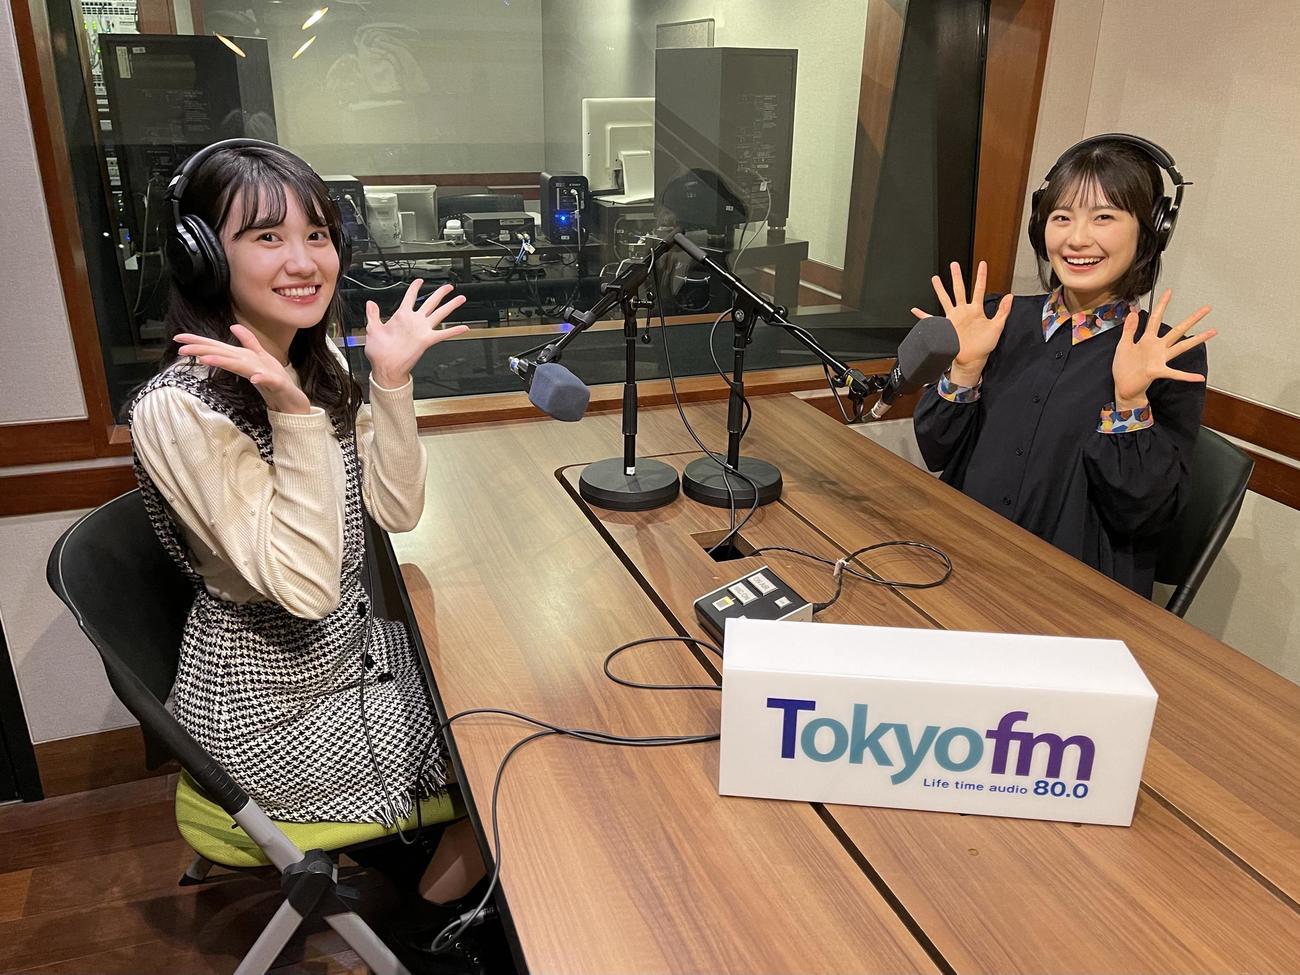 TOKYO FM「ベルクpresents 乃木坂46の乃木坂に相談だ!」でパーソナリティーを務める松尾美佑(左)と清宮レイ